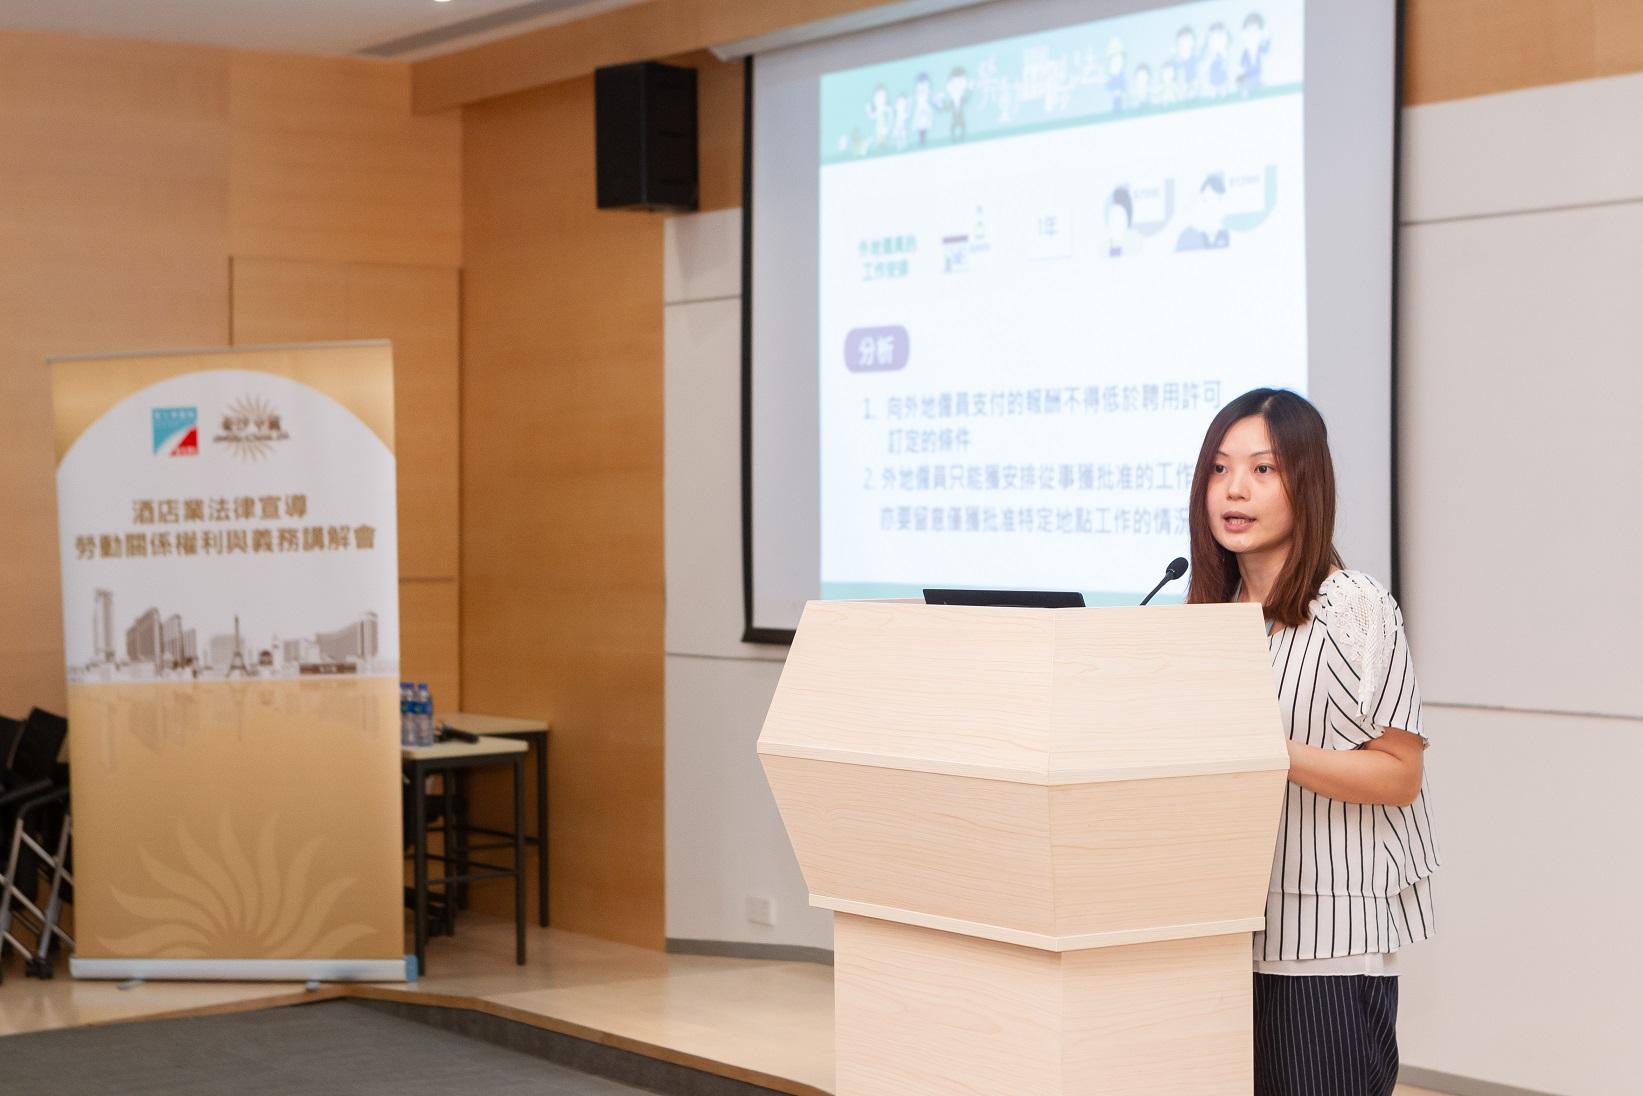 劳工局「劳动关系权利与义务」讲解会 – 金沙中国有限公司